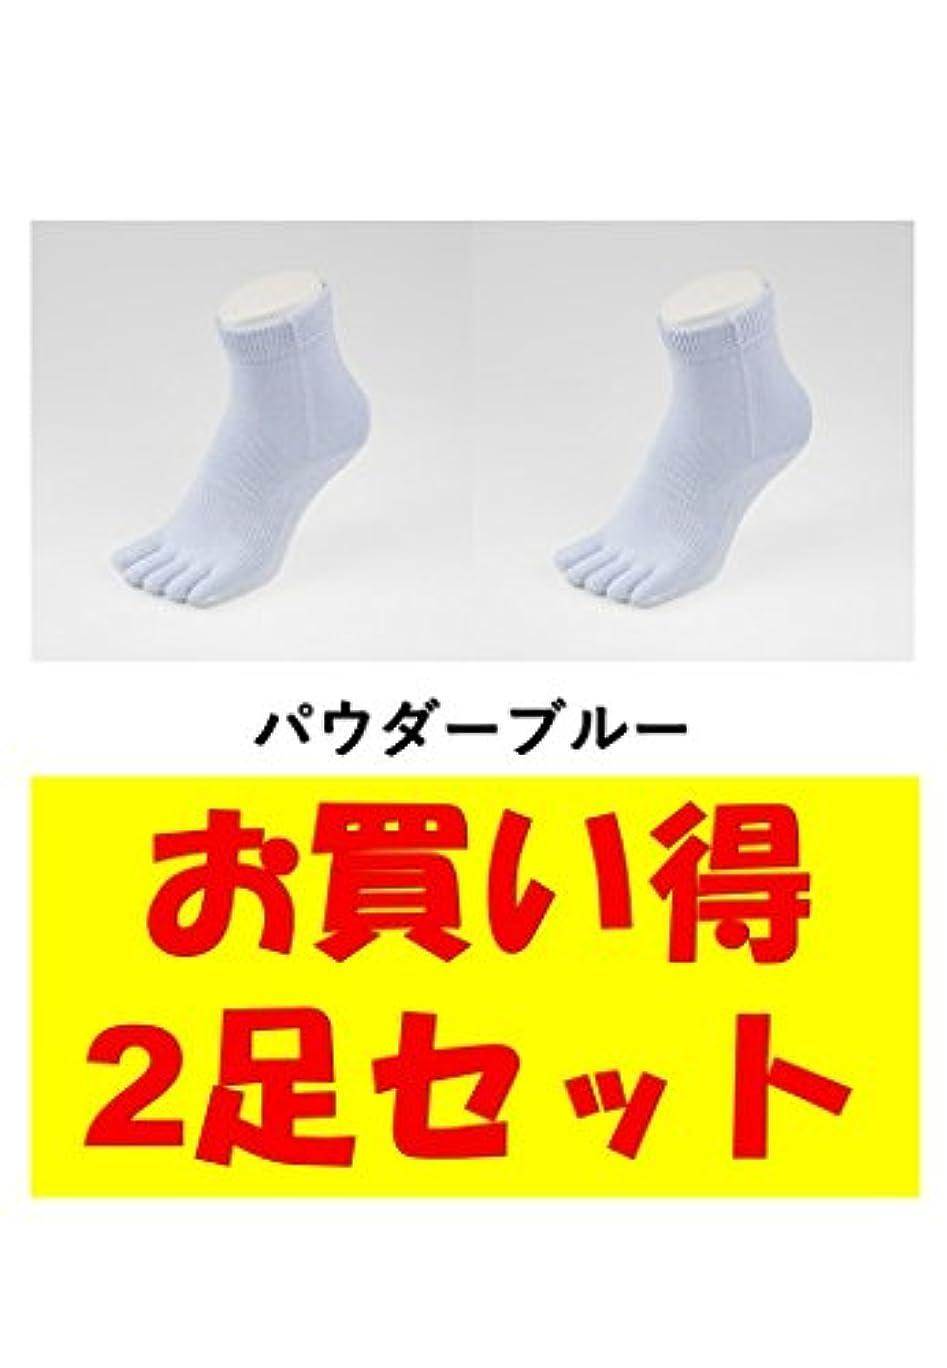 バイナリ狐チャーミングお買い得2足セット 5本指 ゆびのばソックス Neo EVE(イヴ) パウダーブルー iサイズ(23.5cm - 25.5cm) YSNEVE-PBL